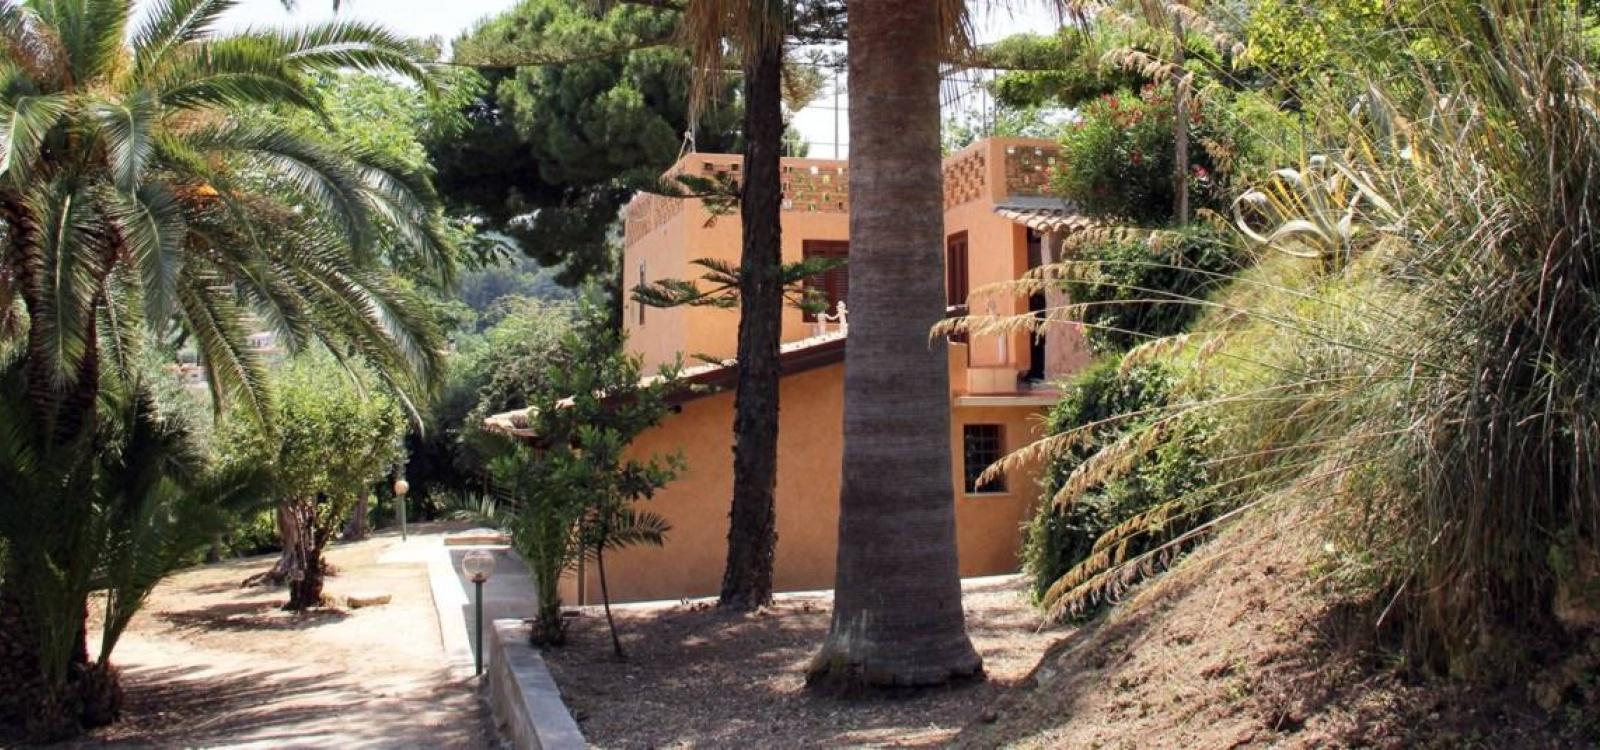 Ville e casali, Affitto per vacanze, Loc. Conte, ID Struttura 1137, Santa Domenica , Vibo Valentia, Italy, 89866,